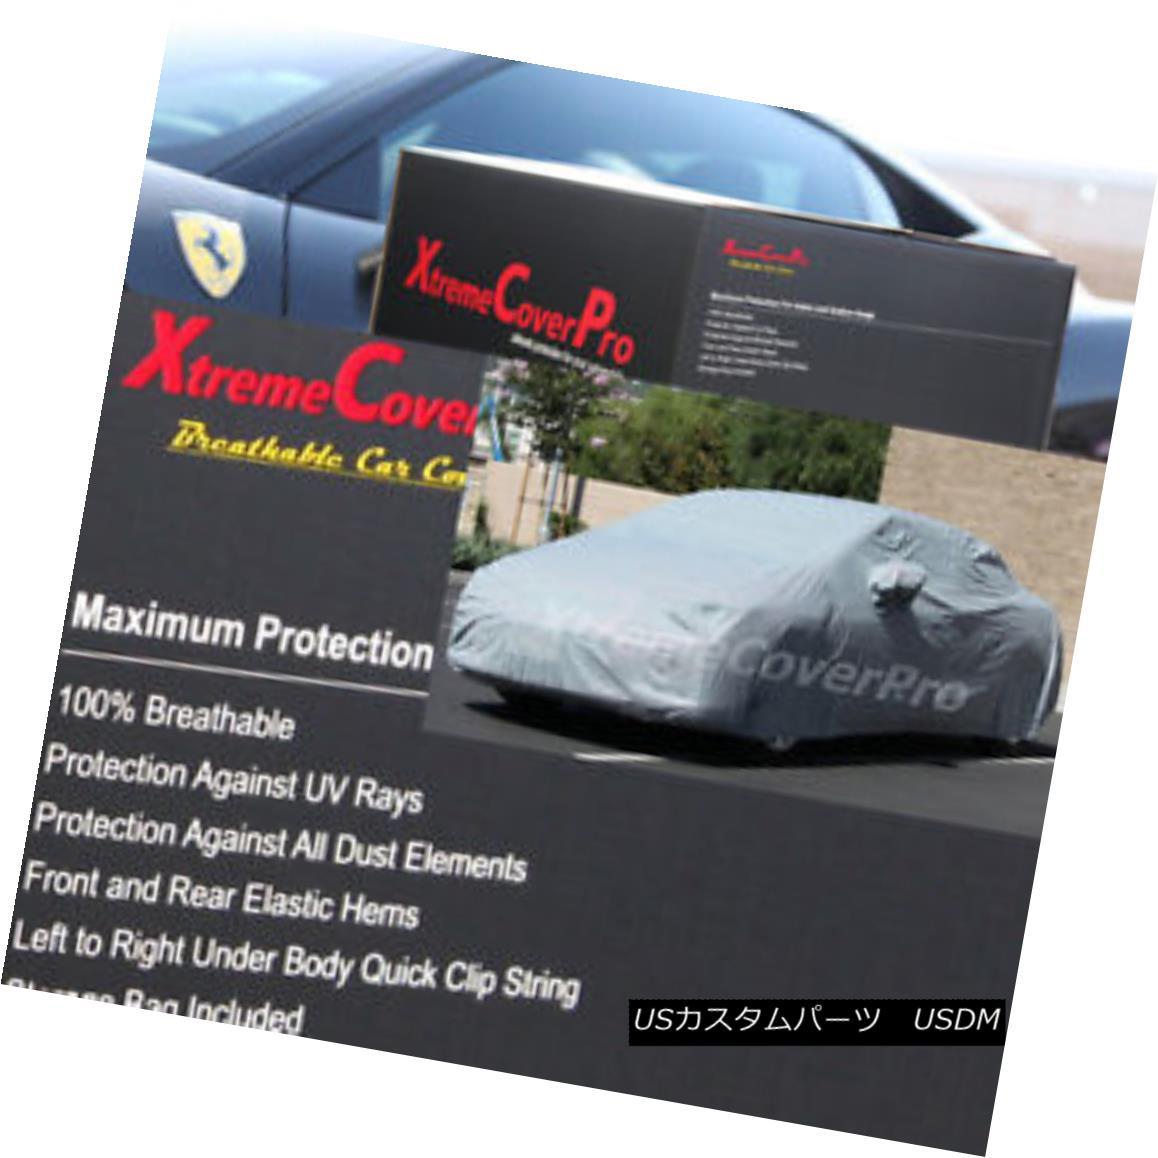 カーカバー 1992 1993 Mercedes-Benz 500E Breathable Car Cover w/MirrorPocket 1992 1993 Mercedes-Benz 500E通気性車カバー付き/ MirrorPocket